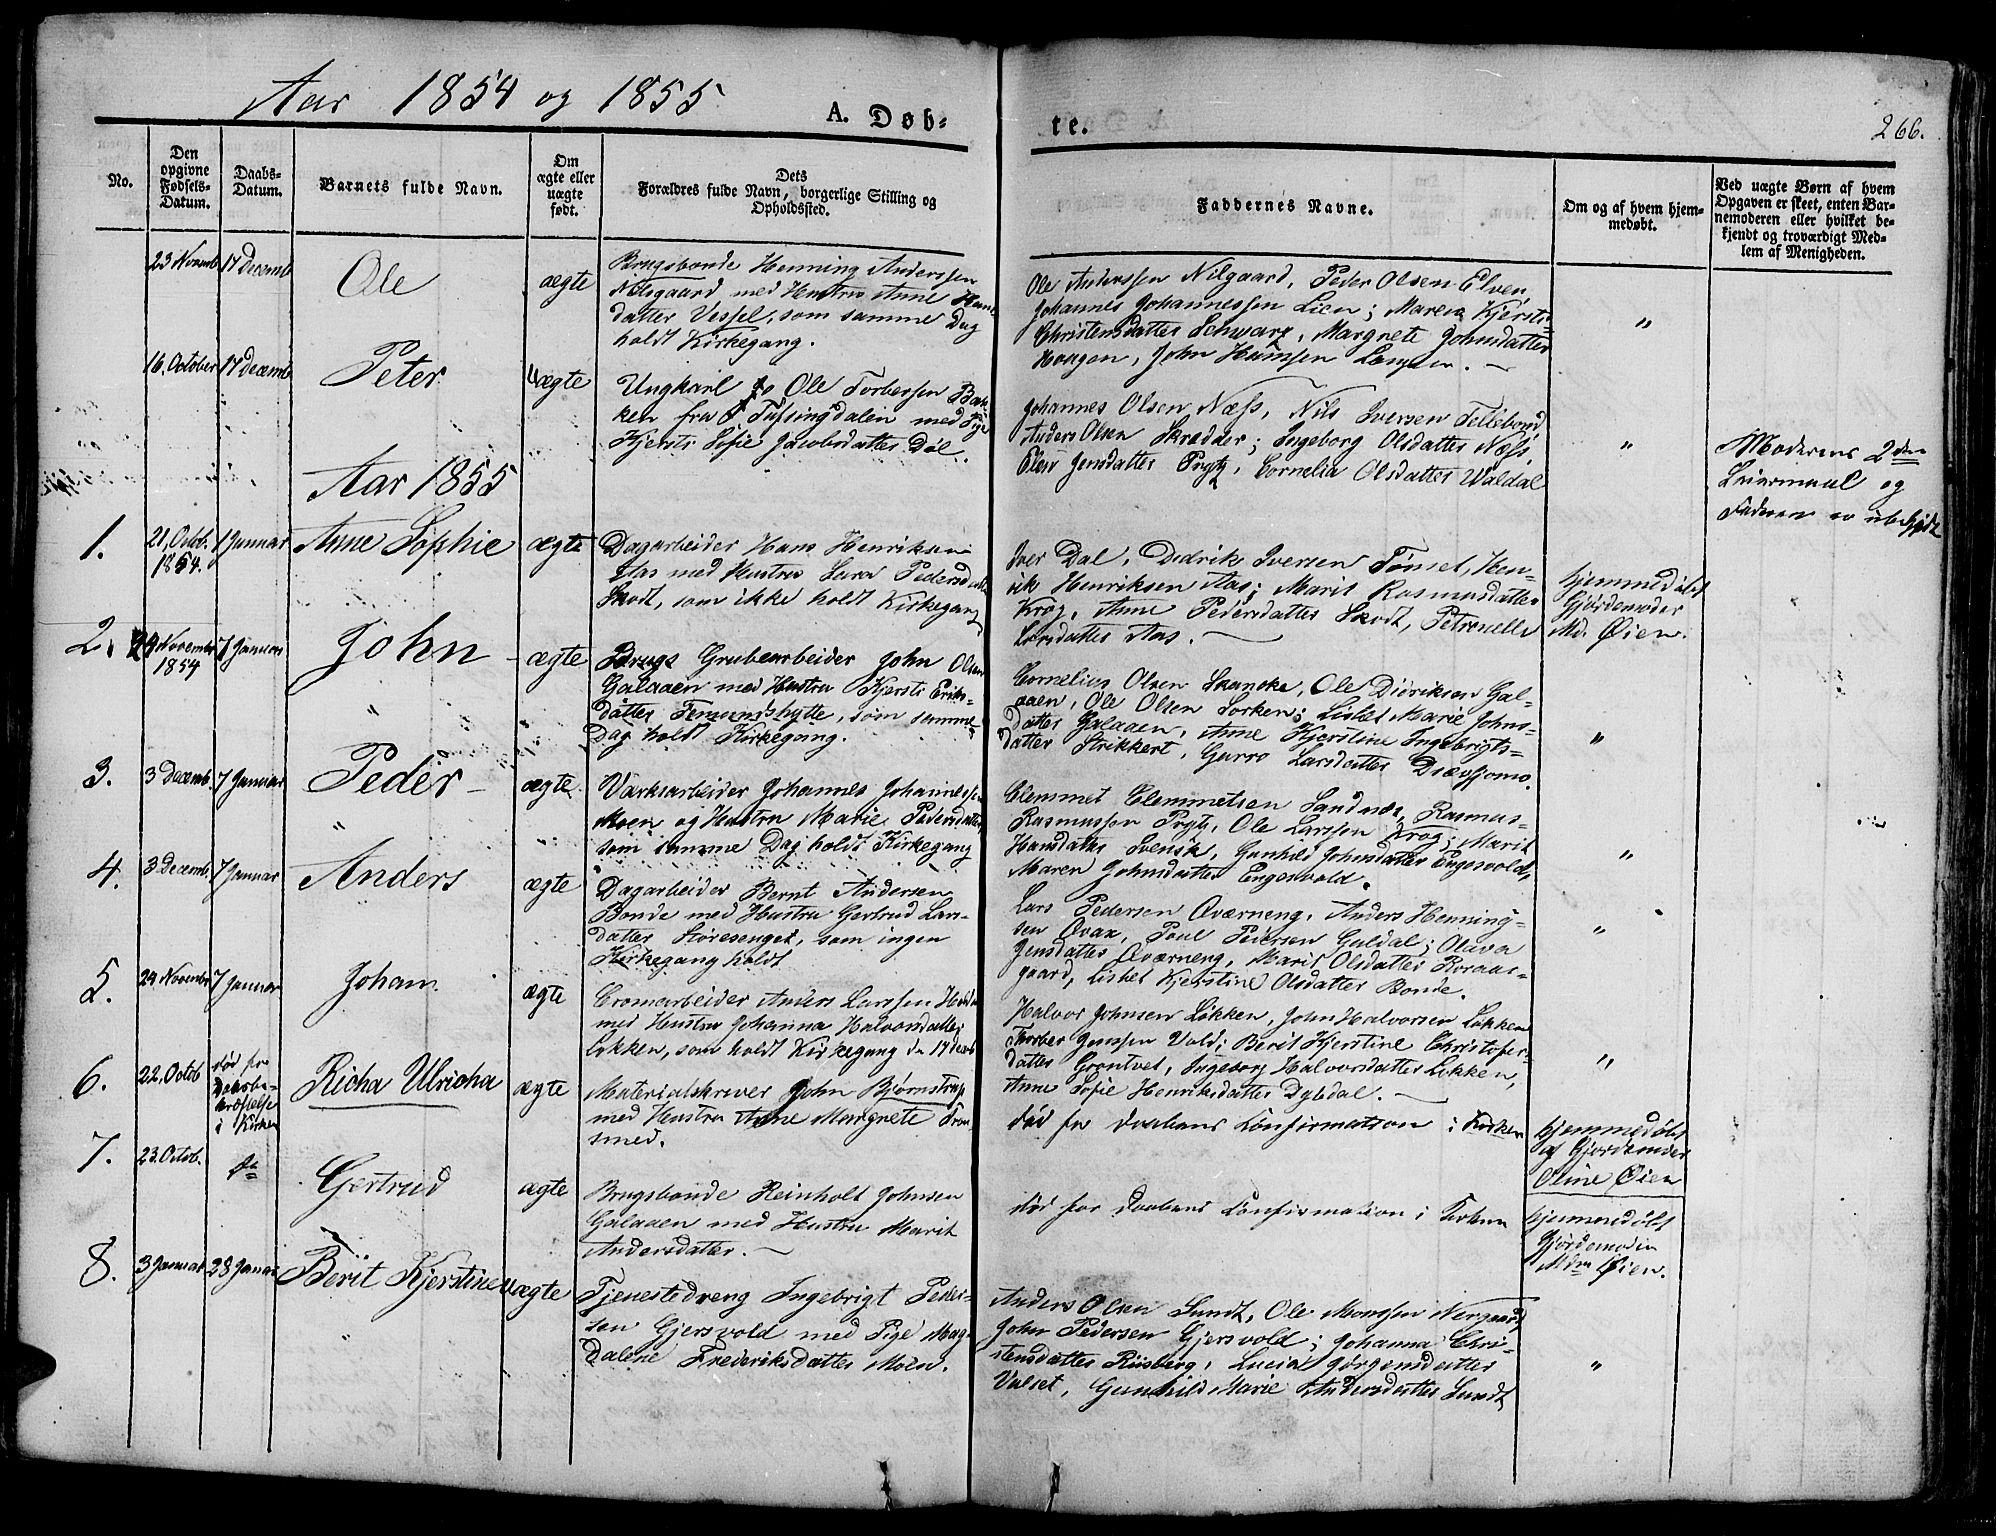 SAT, Ministerialprotokoller, klokkerbøker og fødselsregistre - Sør-Trøndelag, 681/L0938: Klokkerbok nr. 681C02, 1829-1879, s. 266